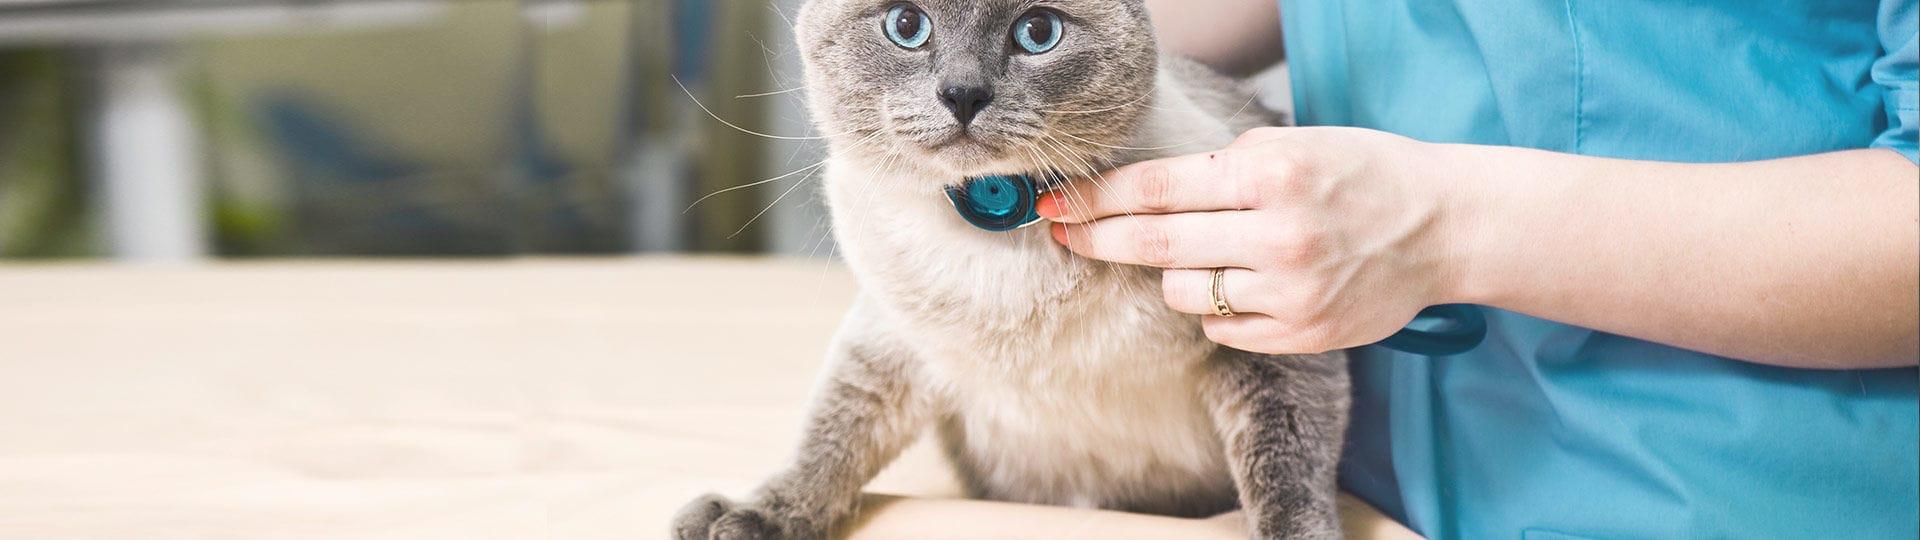 Hogyan teheti kevésbé megterhelővé a következő állatorvosi vizitet macskája számára